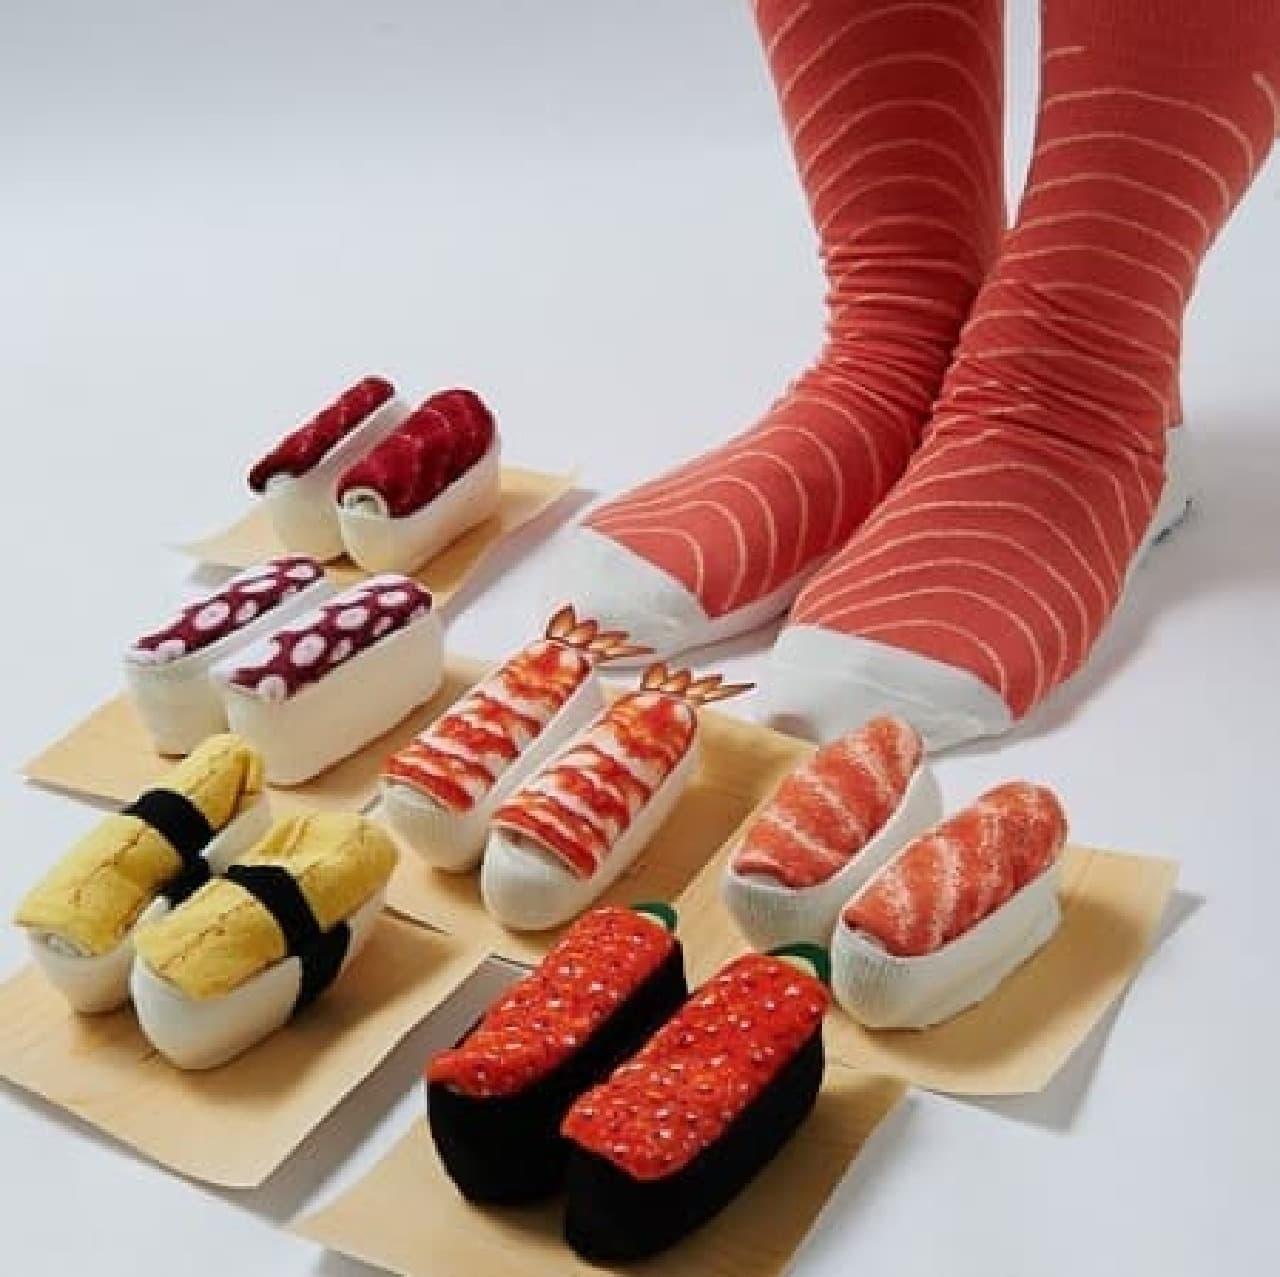 まるで本物のお寿司のよう